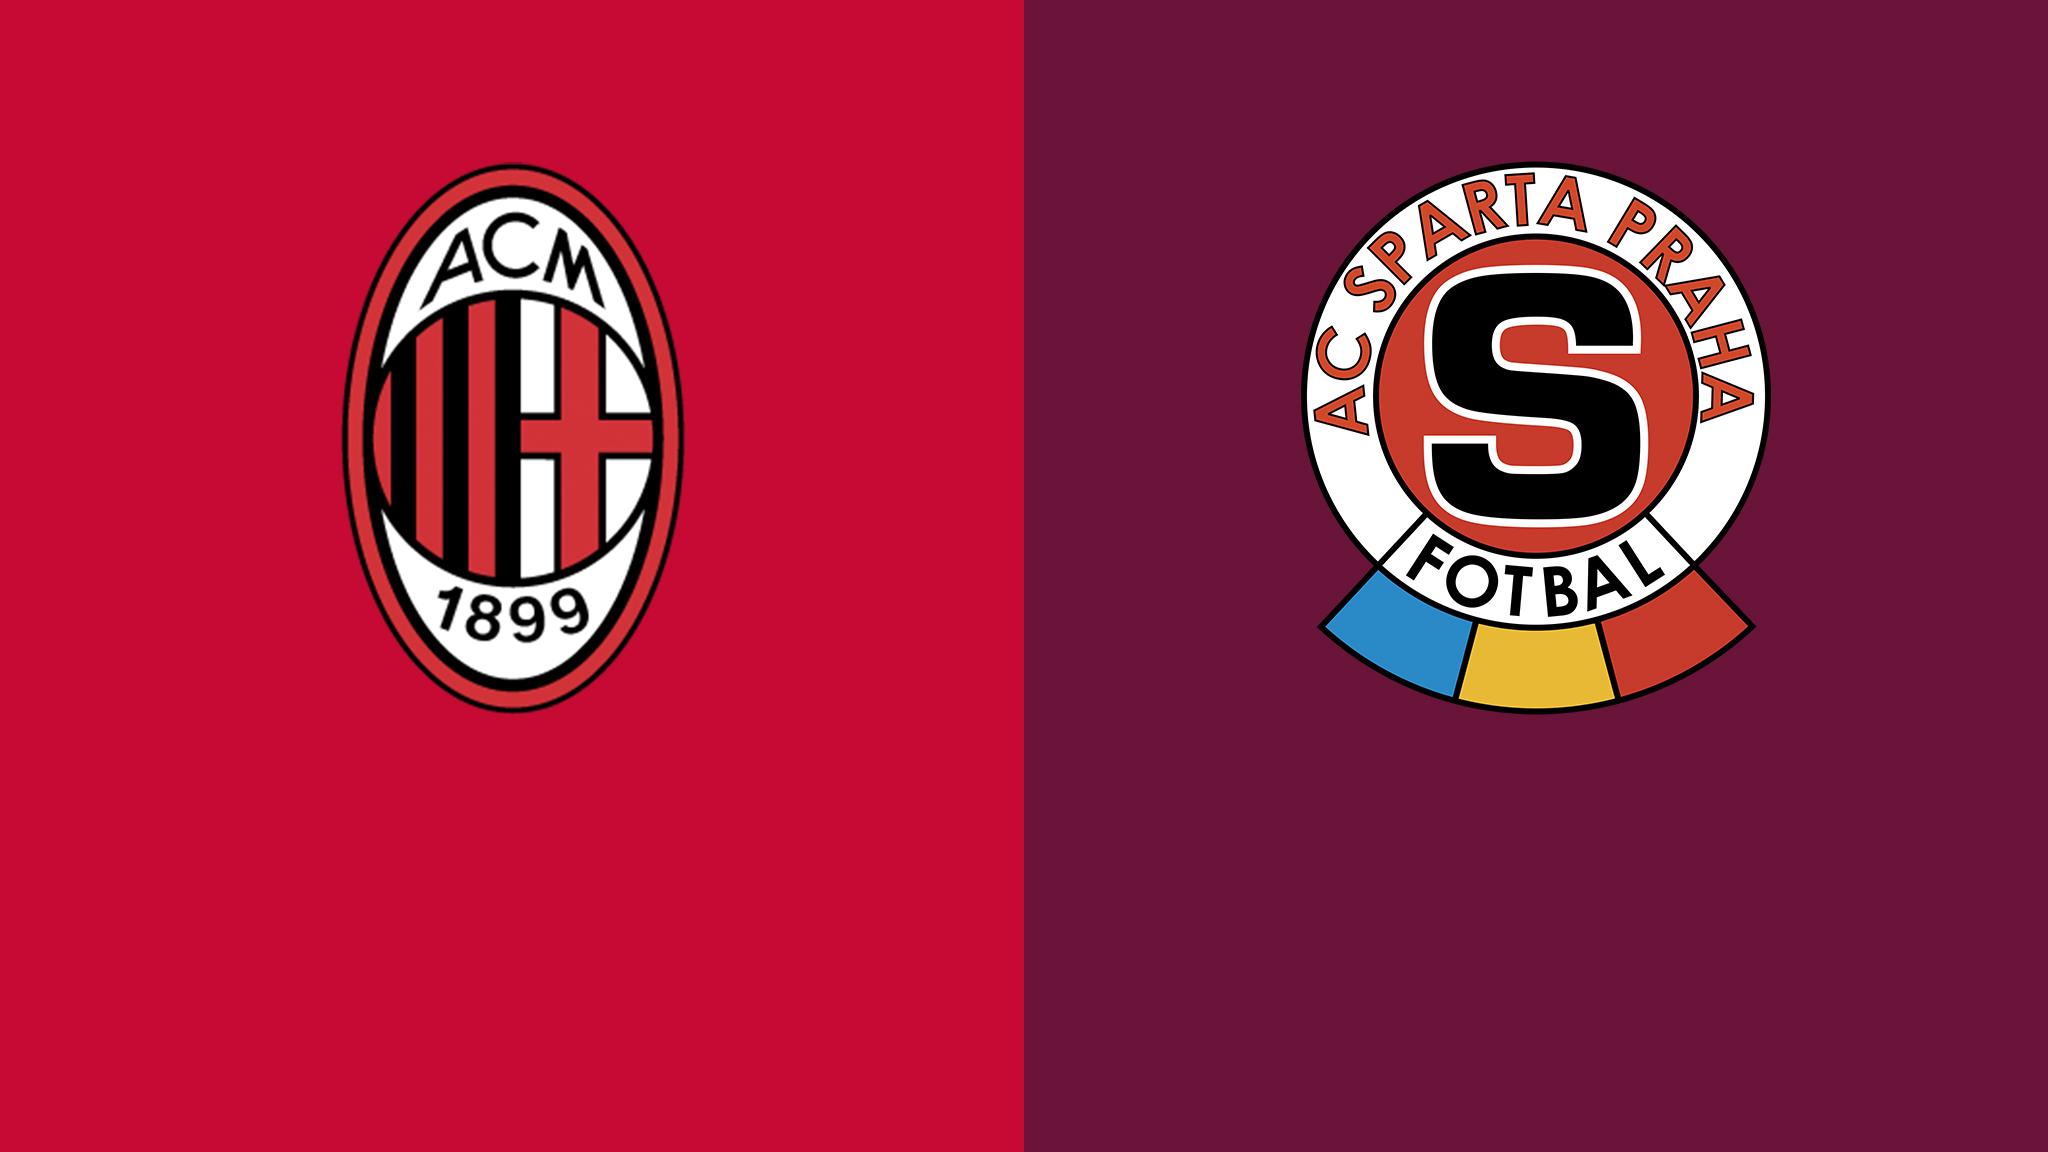 موعد مباراة ميلان ضد سبارتا براج والقنوات الناقلة الخميس 29 أكتوبر في الدوري الأوروبي